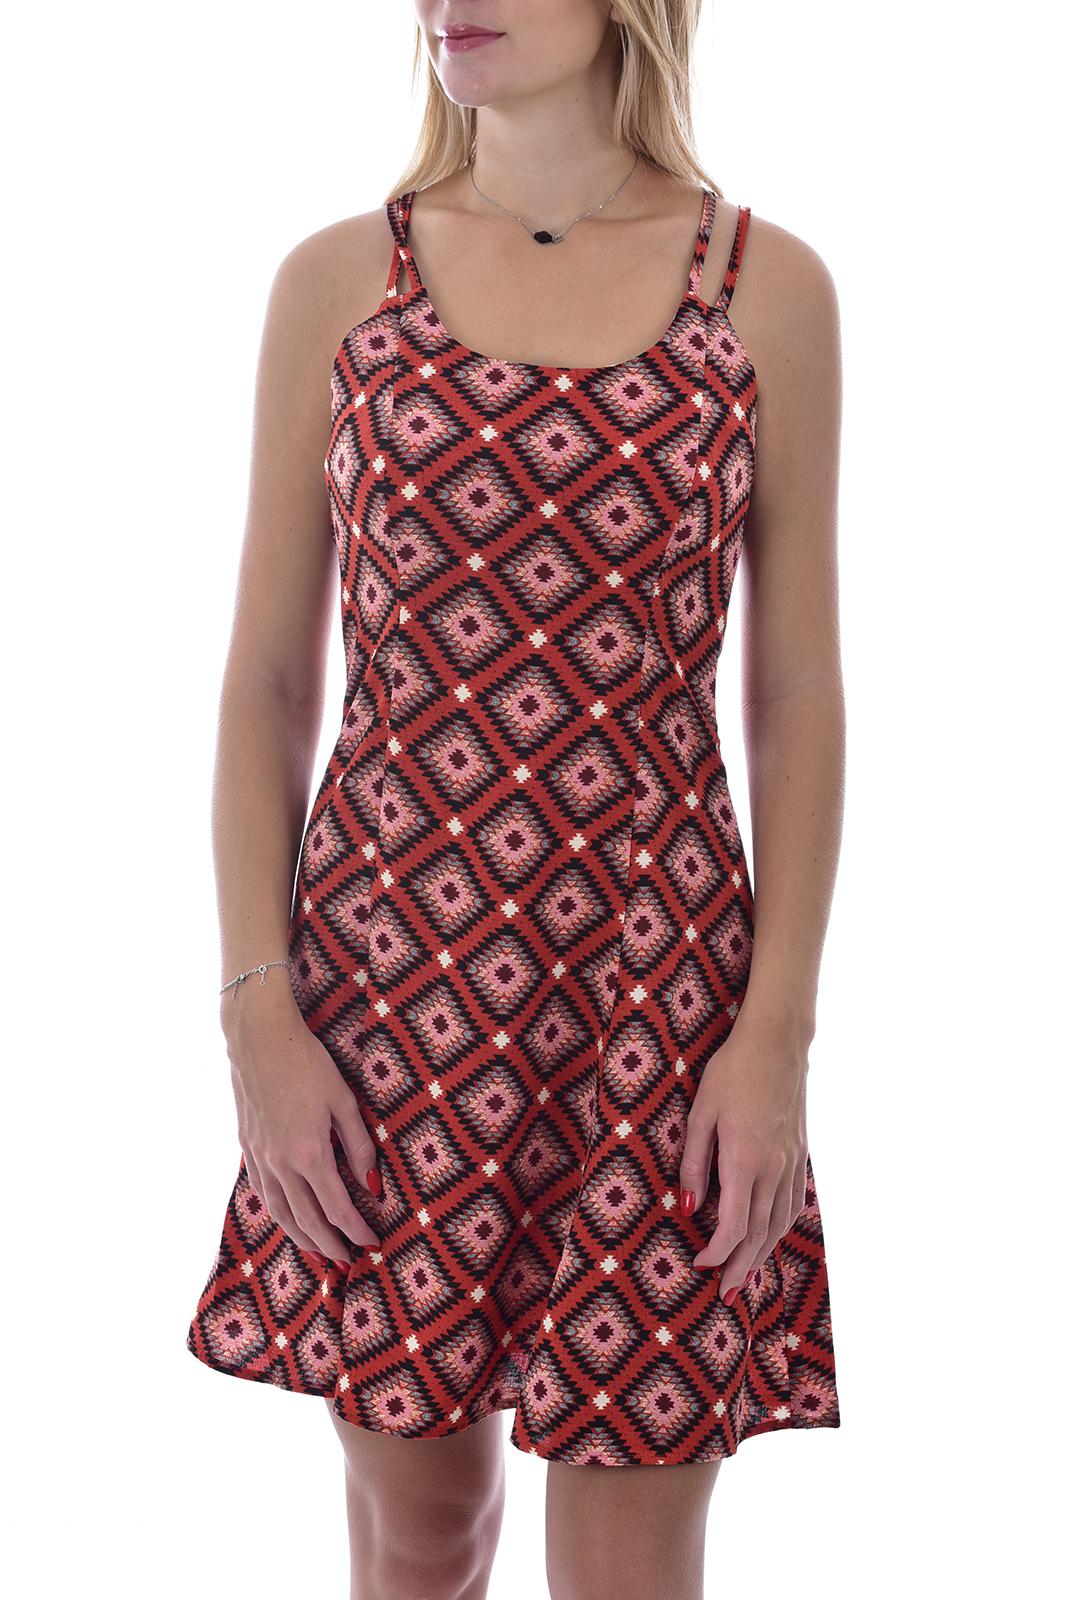 Robes  Molly bracken R1422AE20 HACIENDA ORANGE